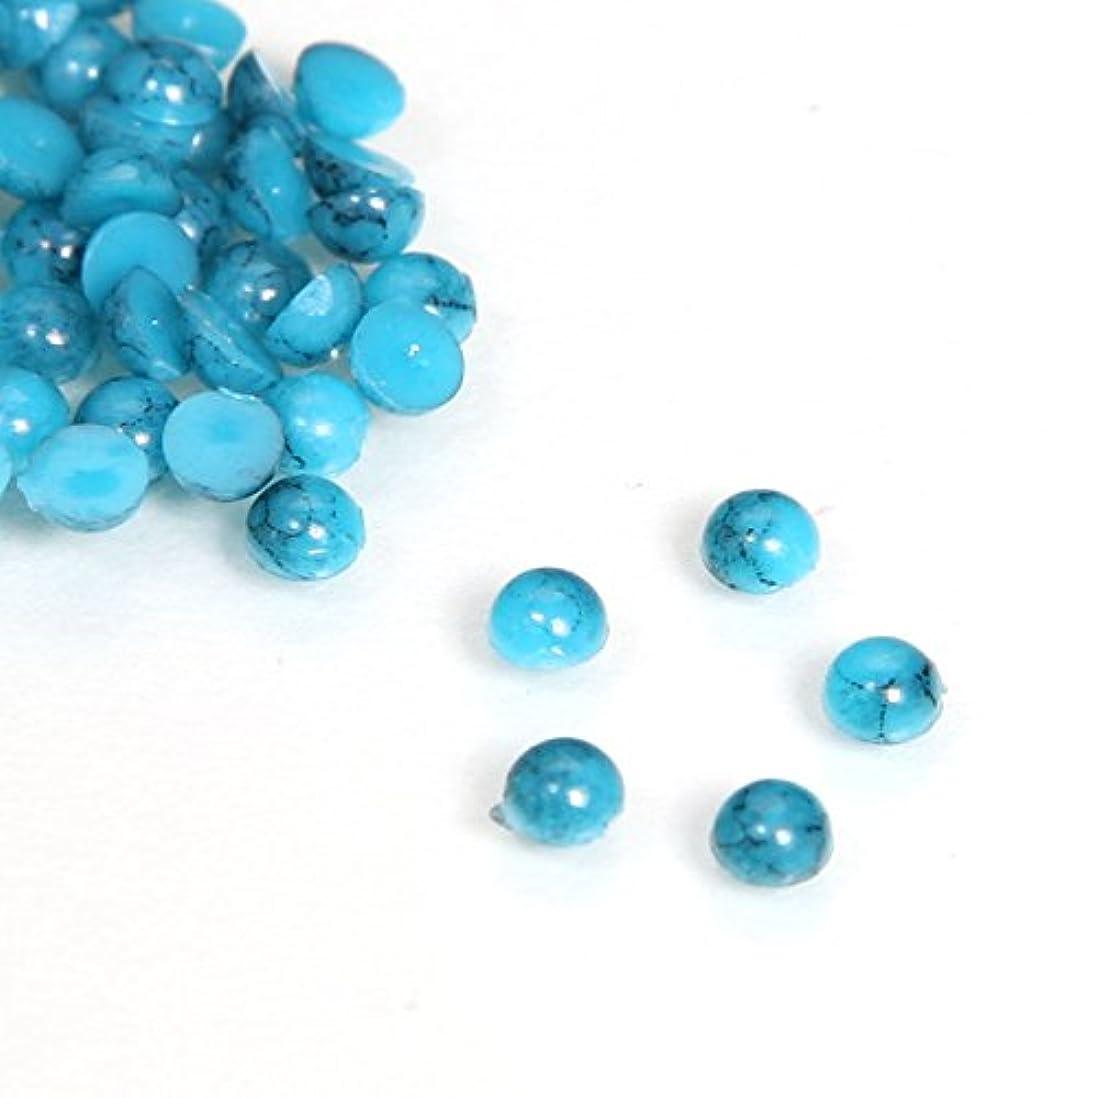 ラッドヤードキップリングにおいヒットターコイズ ラウンド ダークブルー 50粒 (3mm)